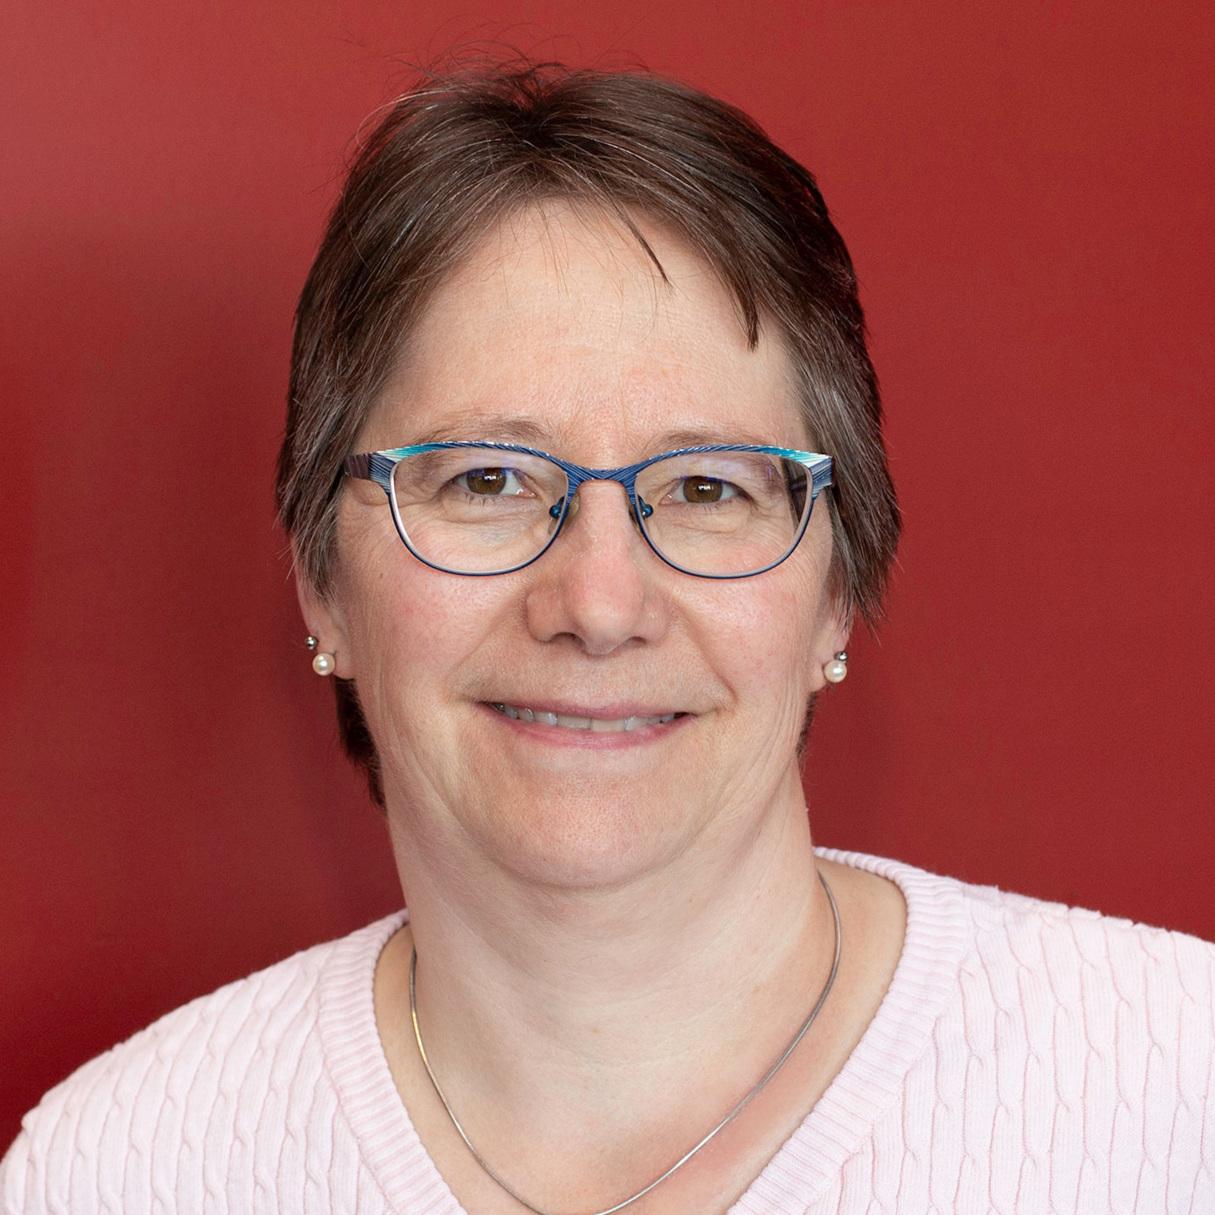 Diane Gerlach - Pediatrician, Auroradiane.gerlach@aurora.org